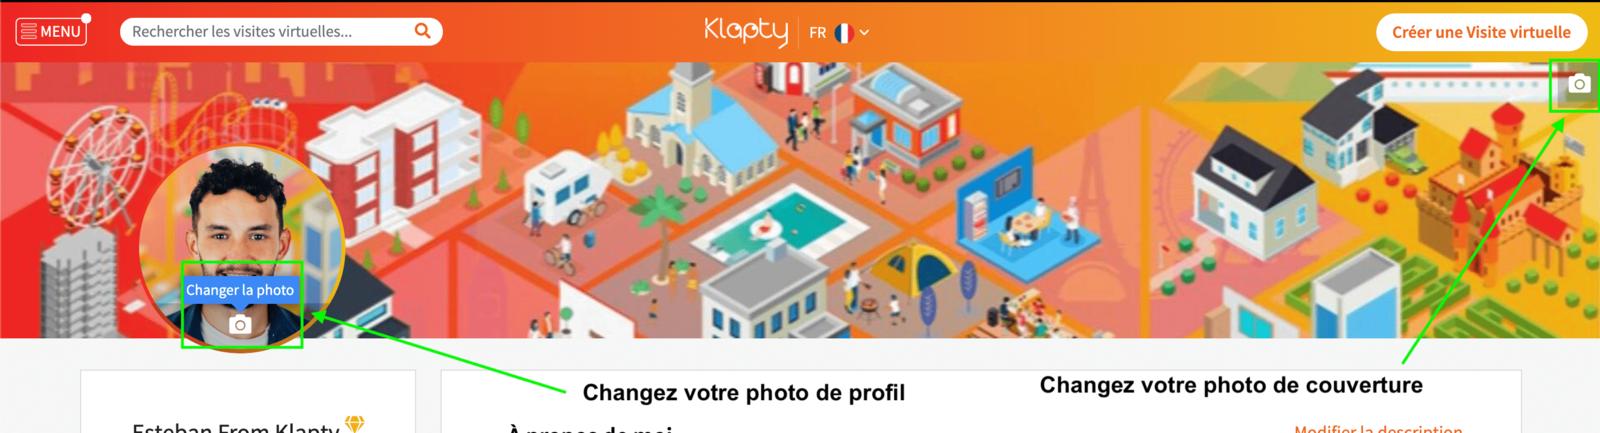 Changer sa photo de profil et sa photo de couverture